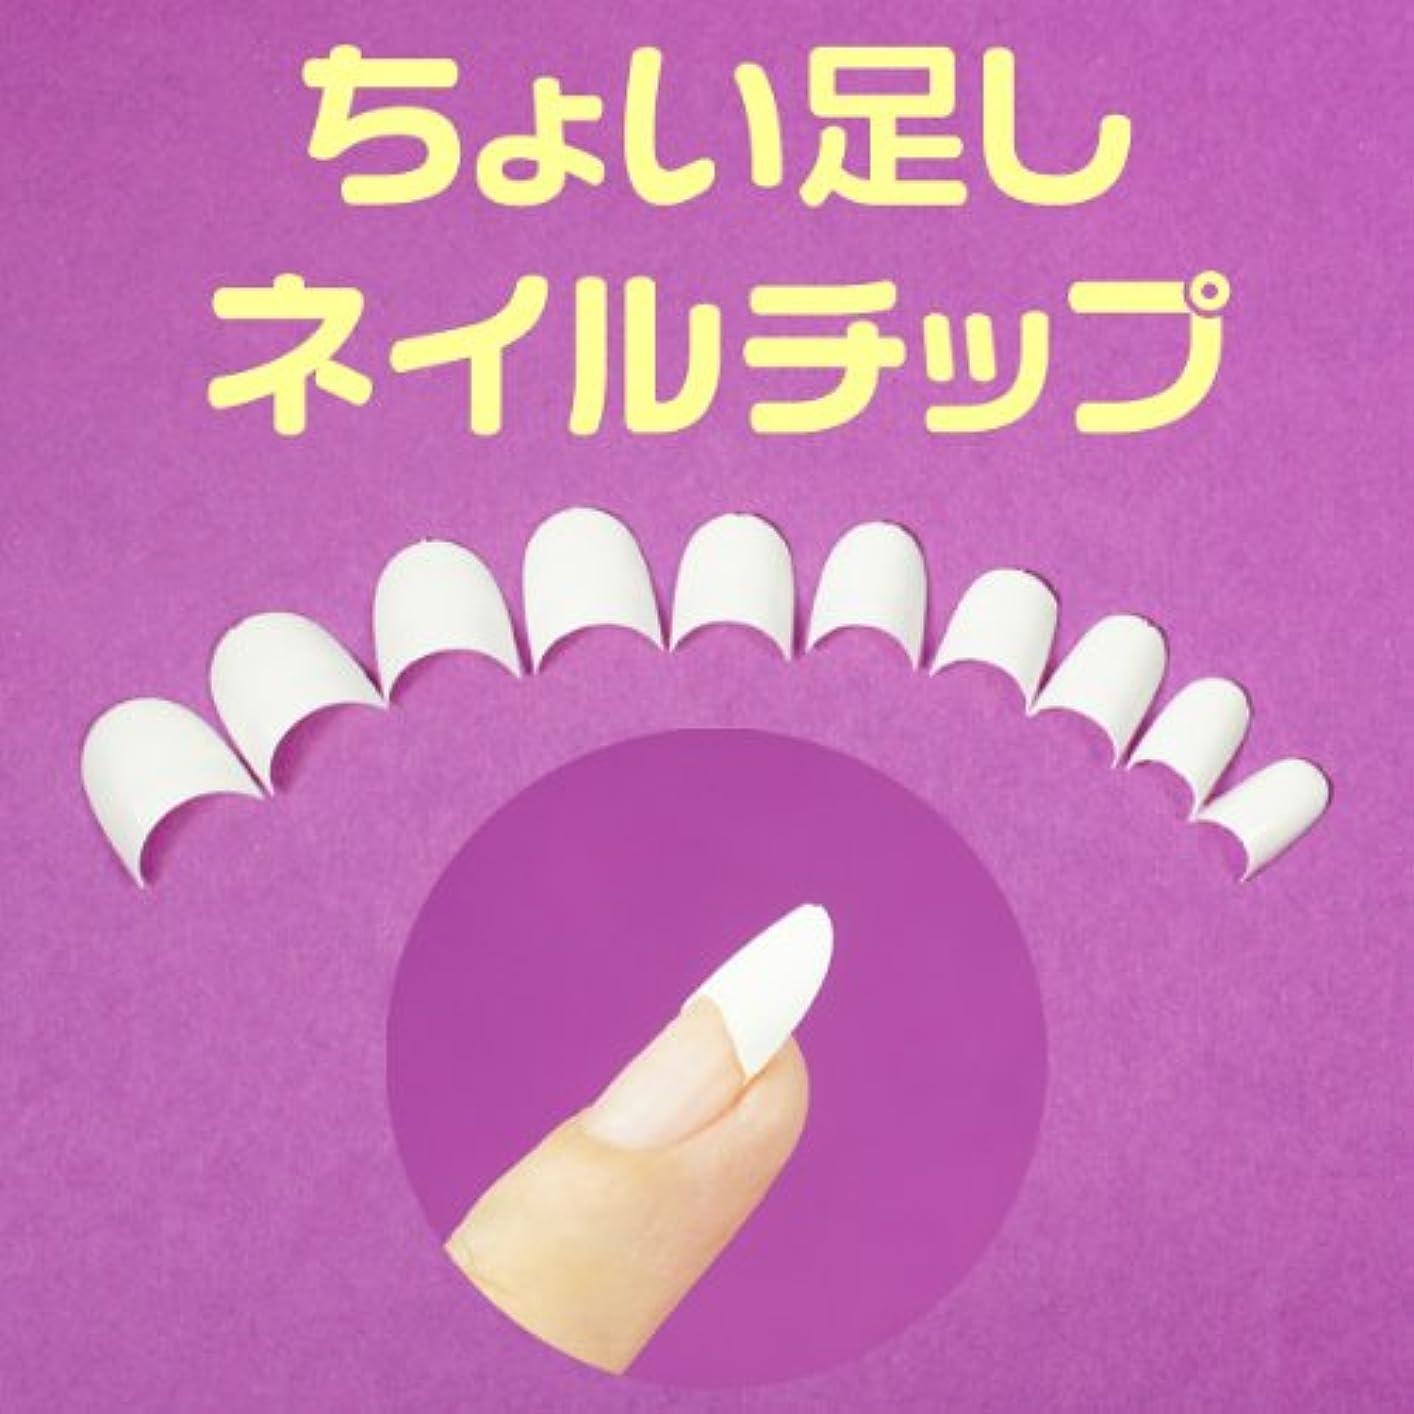 反対したプレゼンテーションつぼみ白いちょい足しネイルチップ 超短いハーフチップ スカルプチャー ジェルネイル ラウンドショートクリアネイルチップ つけ爪付け爪